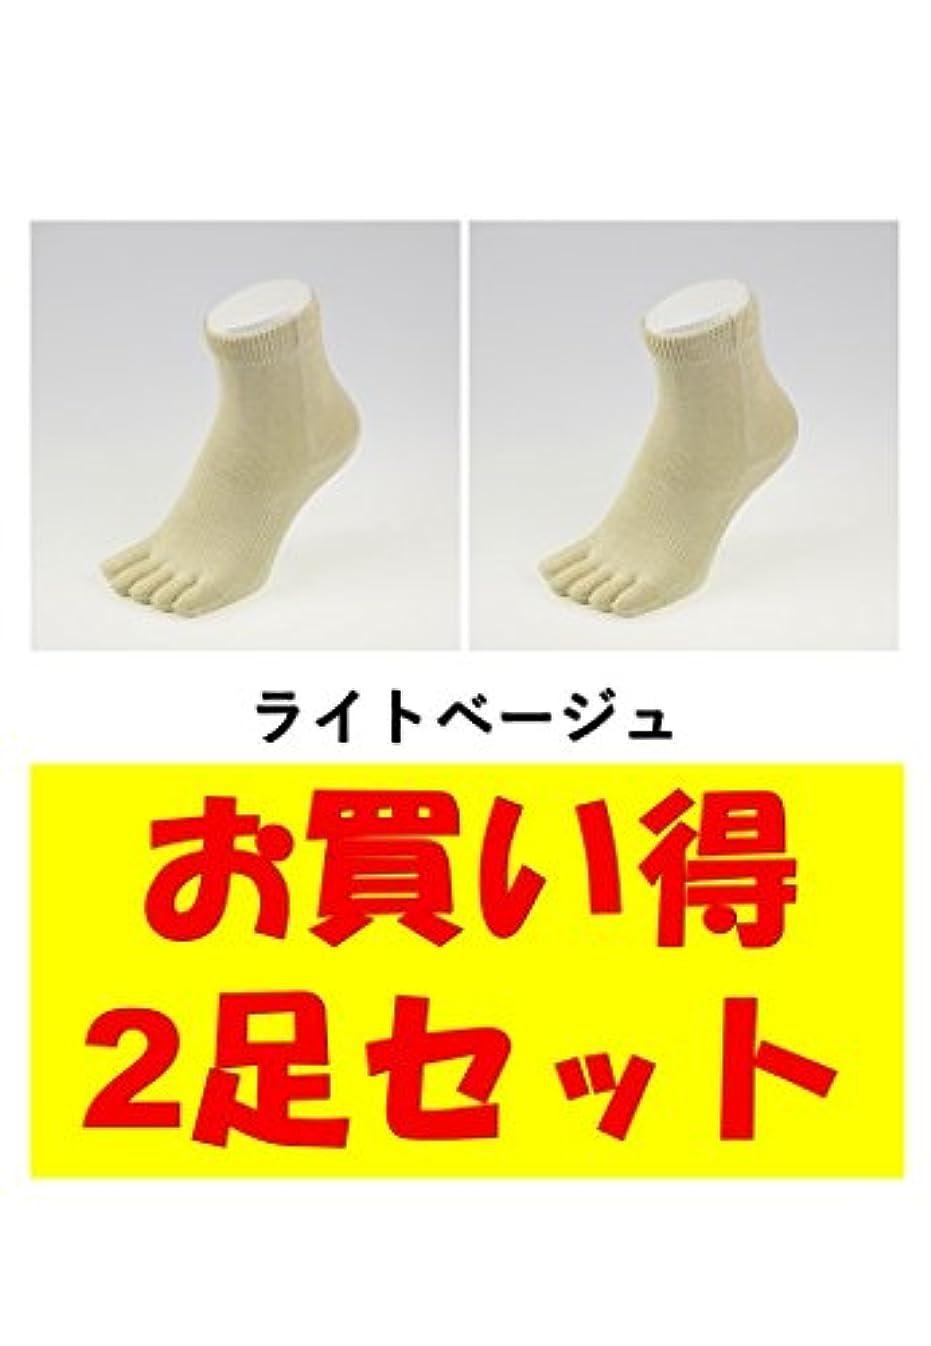 ほのめかす解釈的ワークショップお買い得2足セット 5本指 ゆびのばソックス Neo EVE(イヴ) ライトベージュ iサイズ(23.5cm - 25.5cm) YSNEVE-BGE